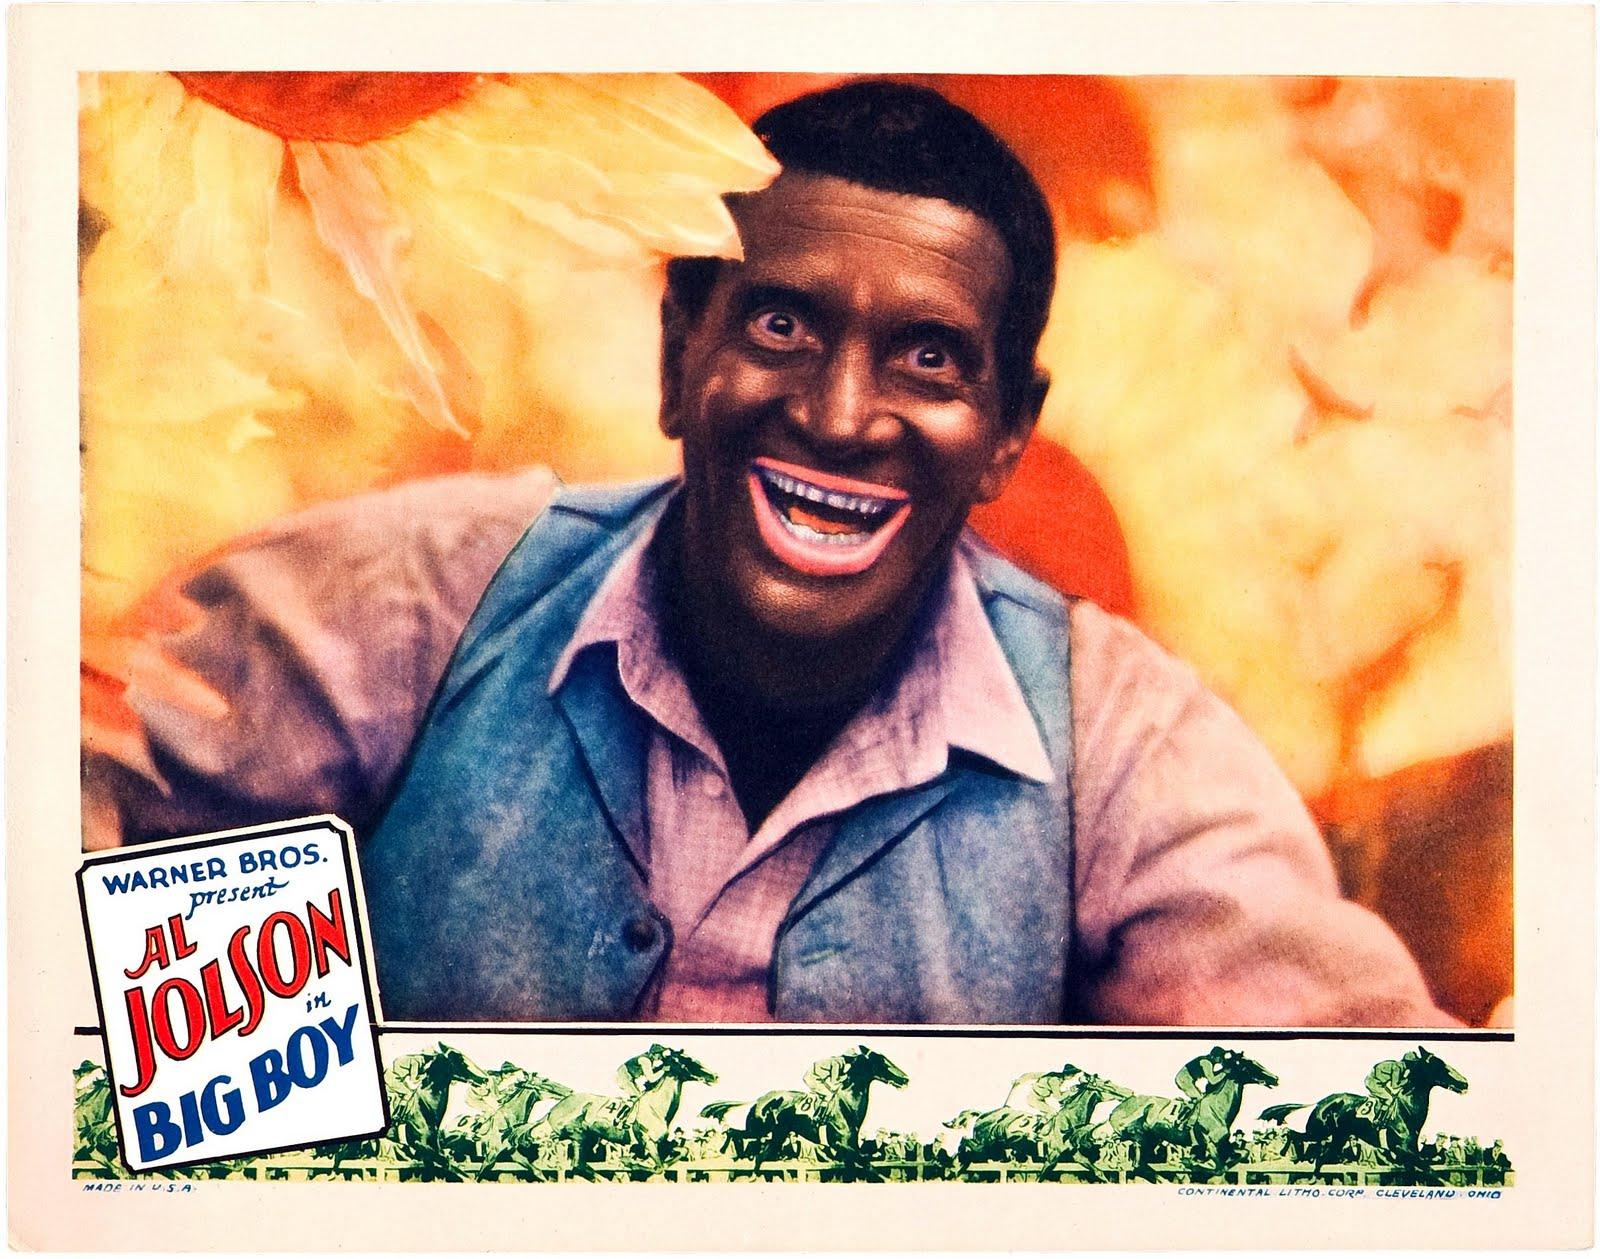 Big Boy | 1930 | Al Jolson | Musical | Mega-Uptobox